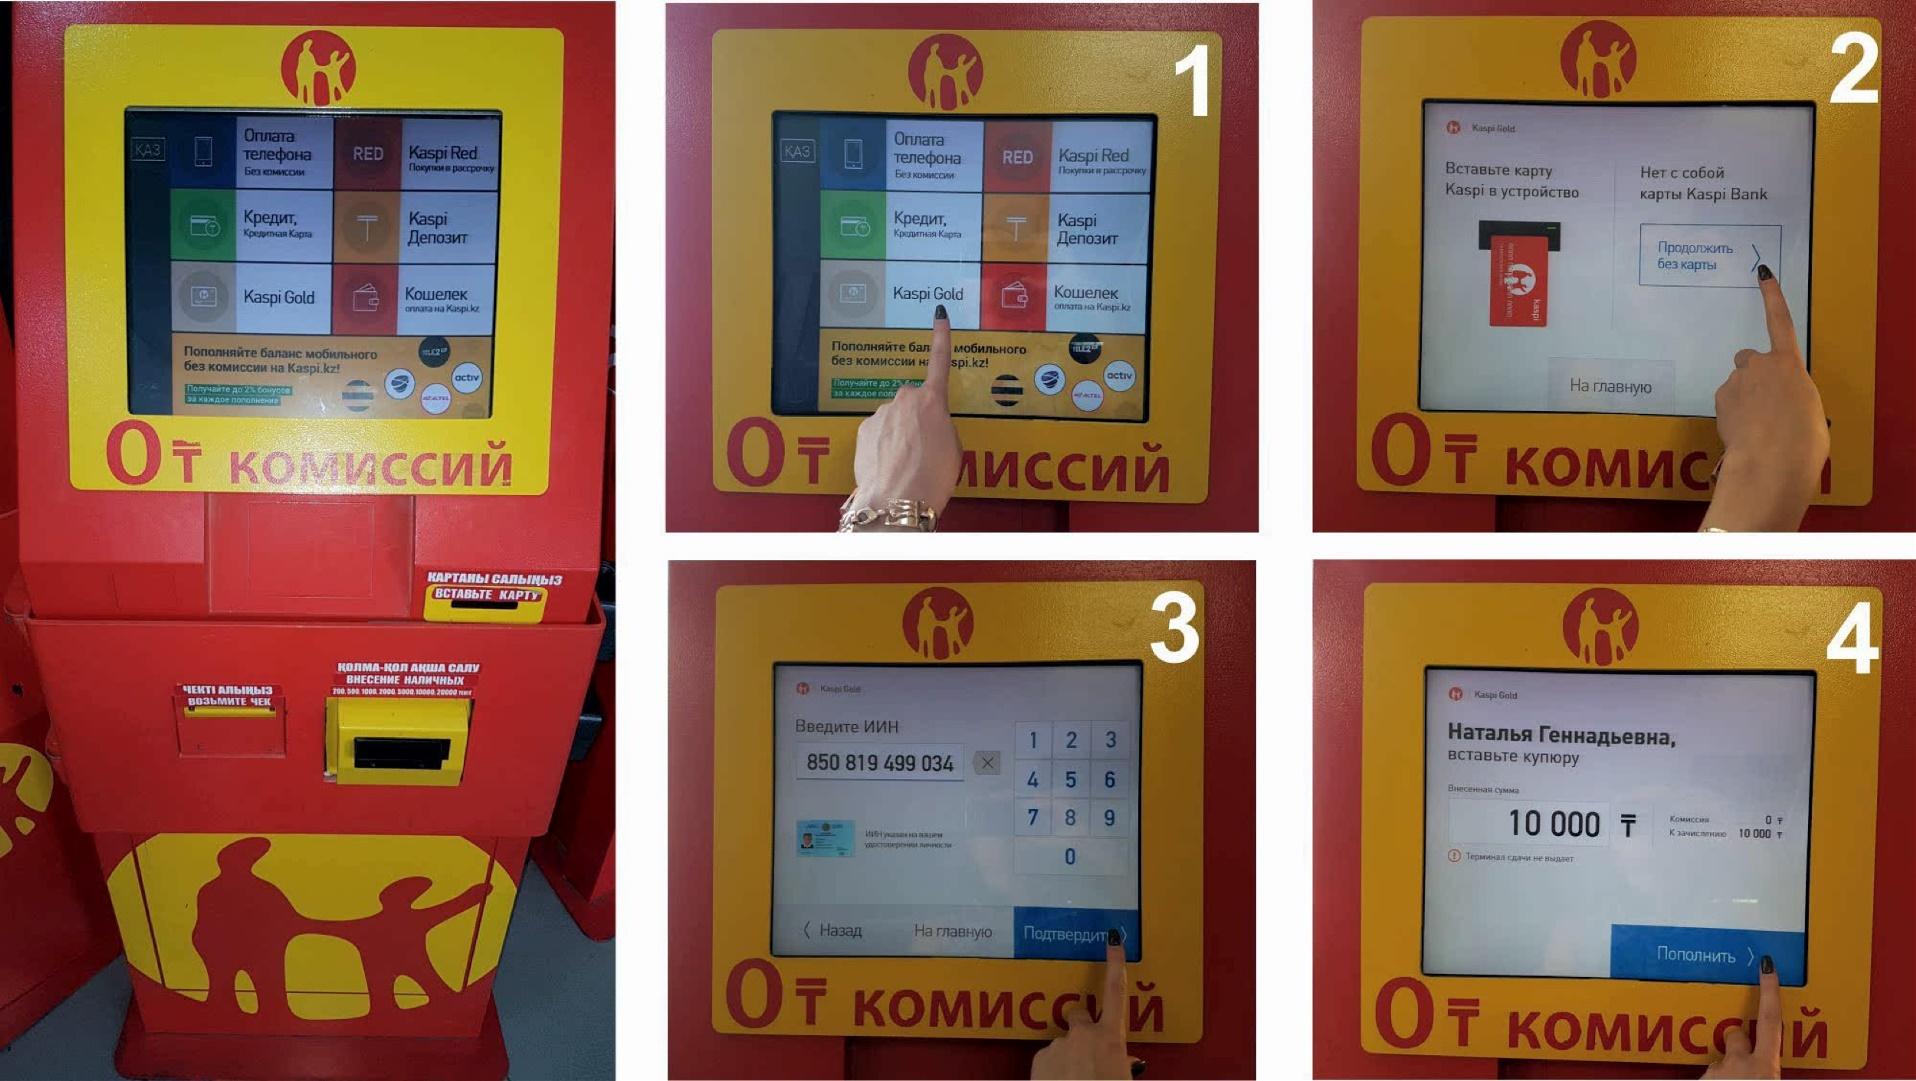 Пополнение карты через Каспи-терминал